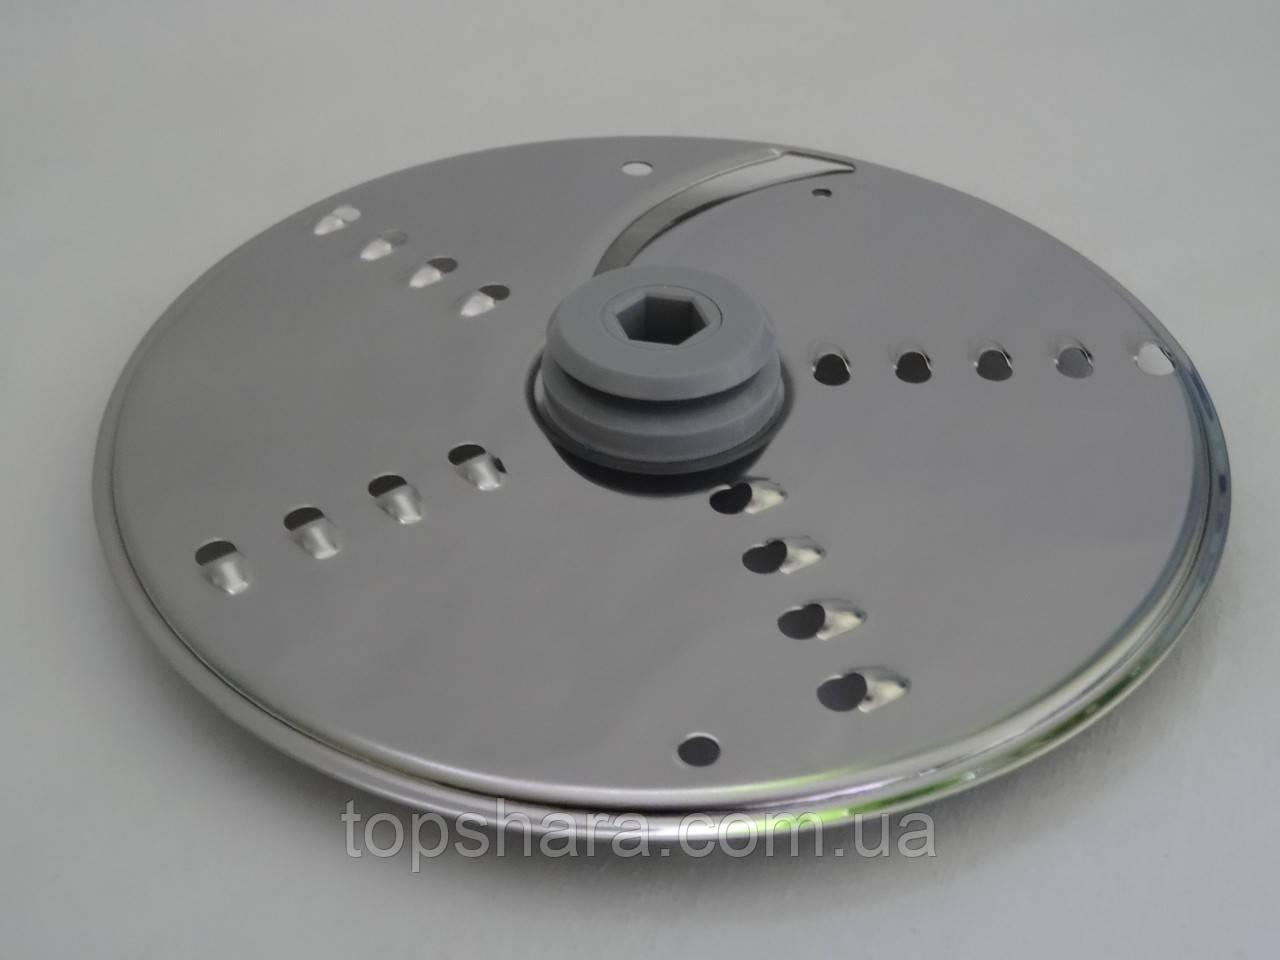 Диск шинковка измельчитель блендера Philips HR1377